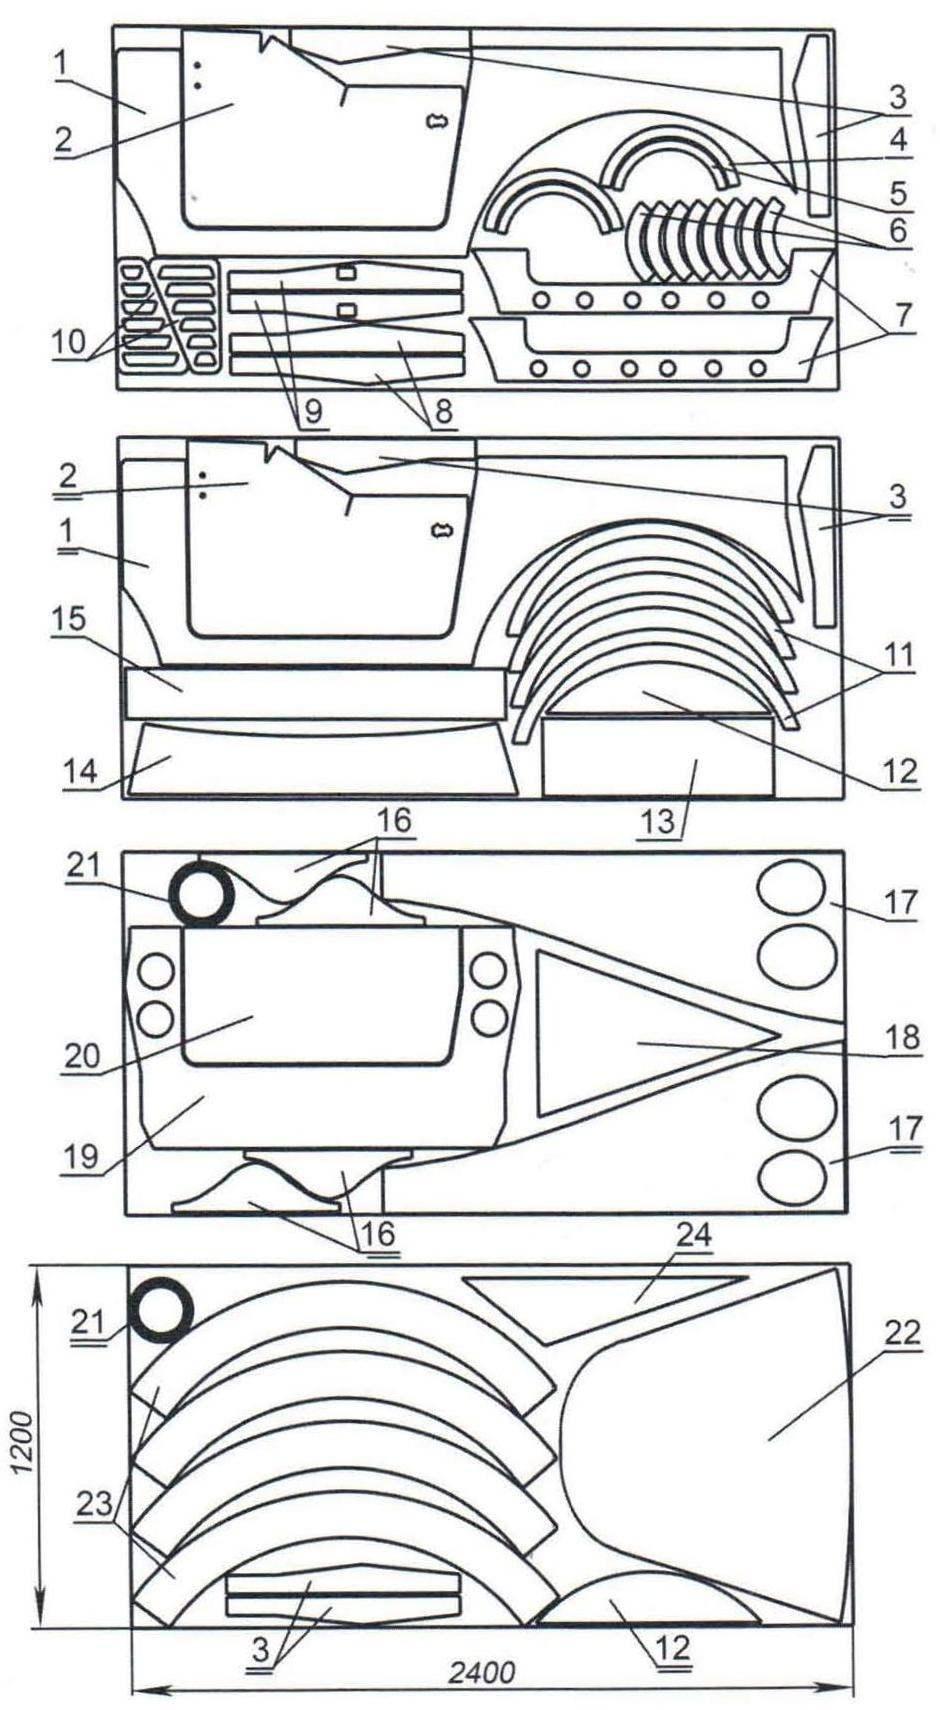 Расположение развёрток основных кузовных деталей на стандартном стальном листе размерами 2400x1200 мм и толщиной 1,2 мм, размеченных для плазменной резки